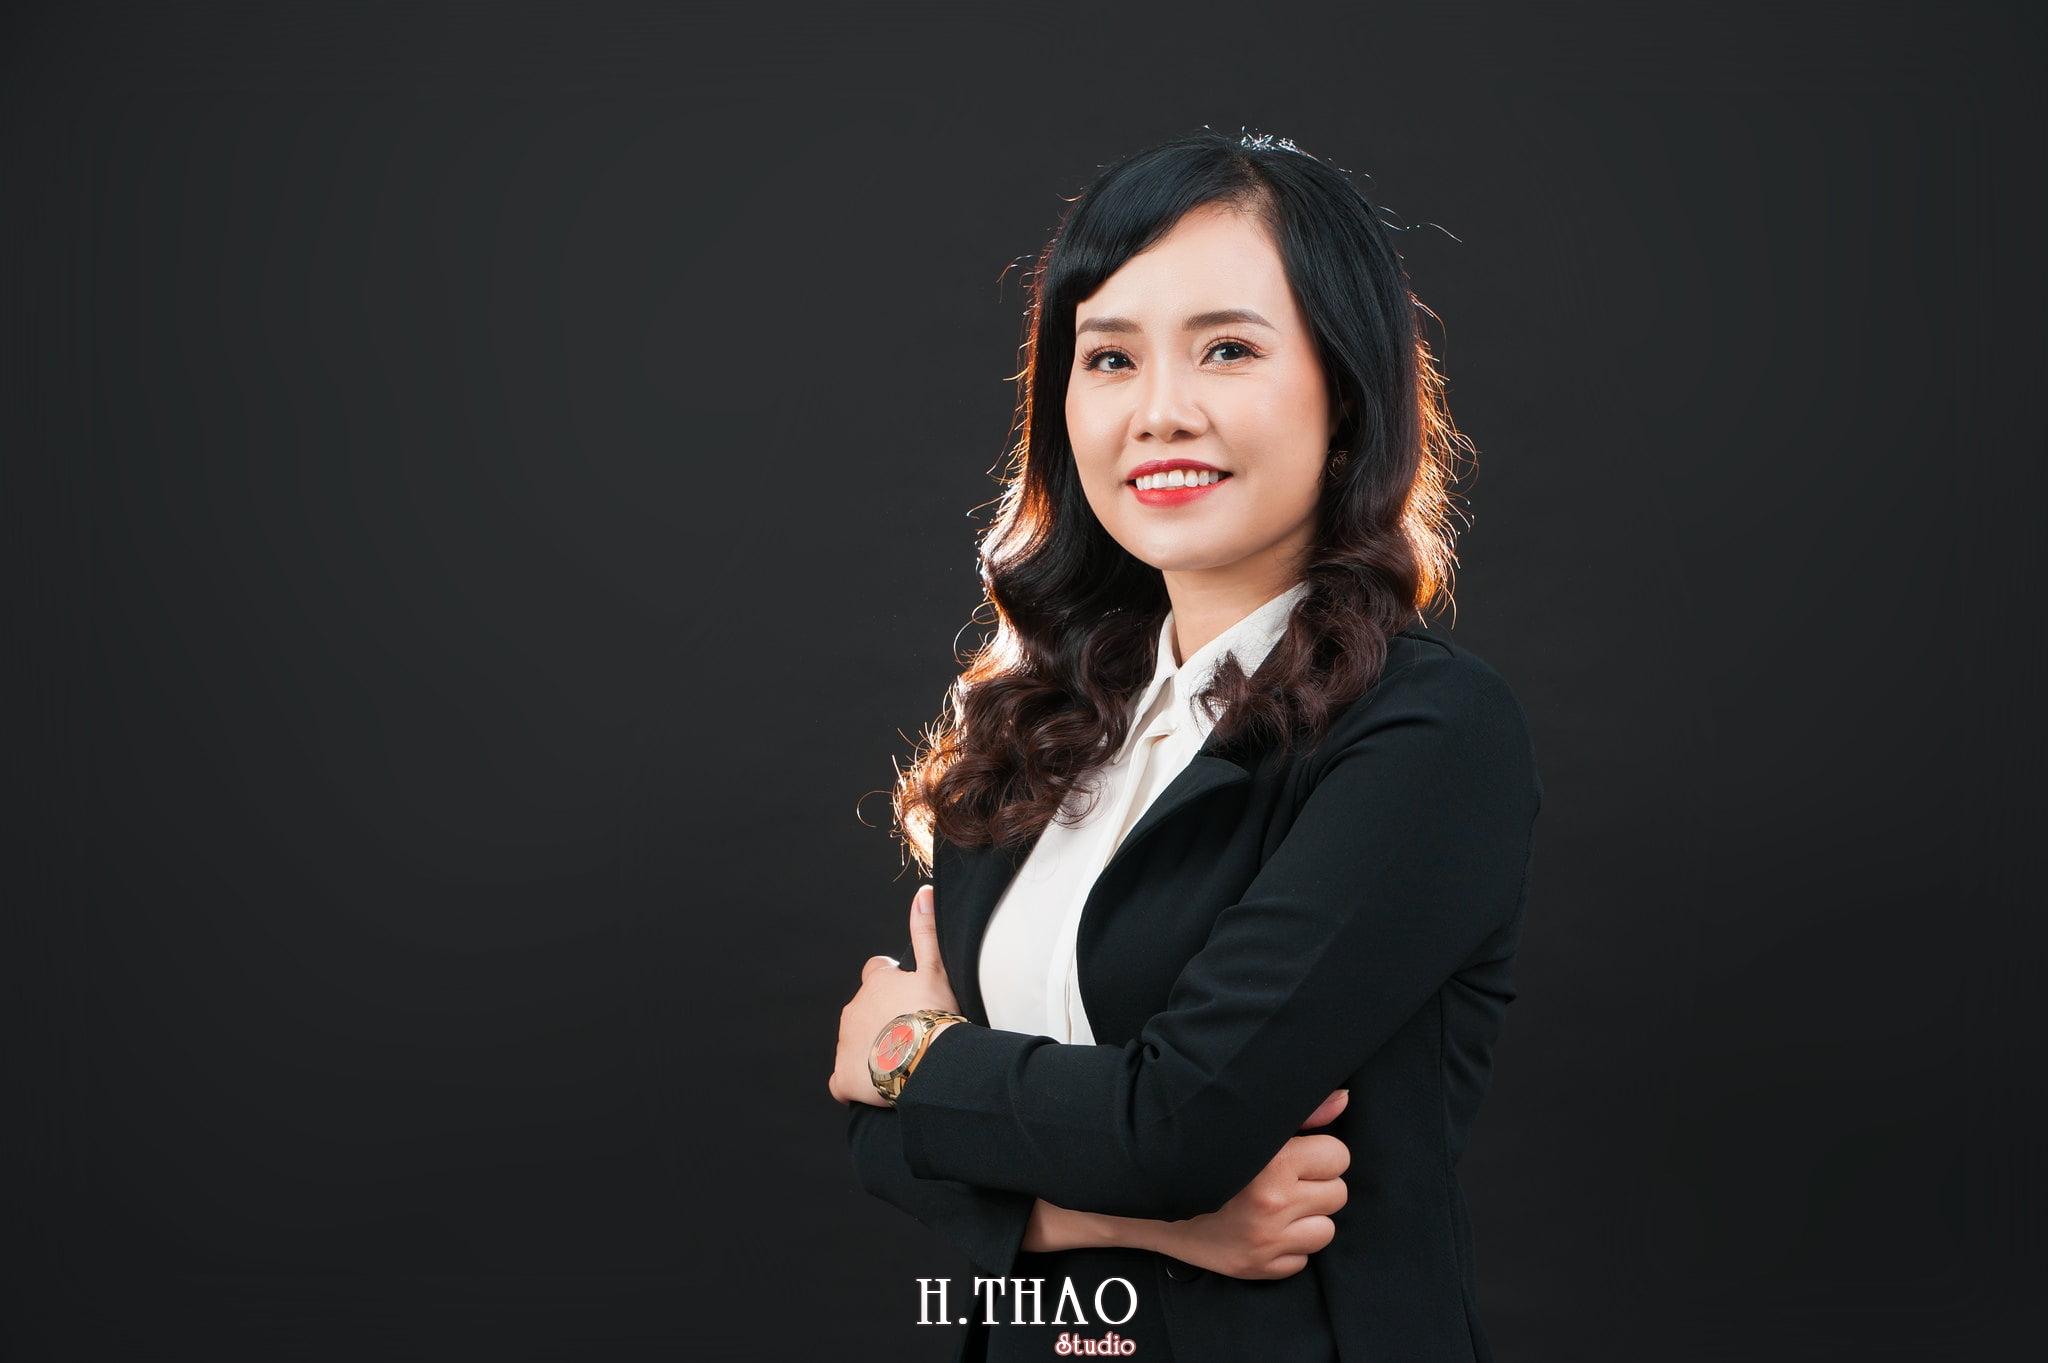 Thu Trang 4 - Chụp ảnh nữ doanh nhân Thu Trang tại HThao Studio – Tp.HCM